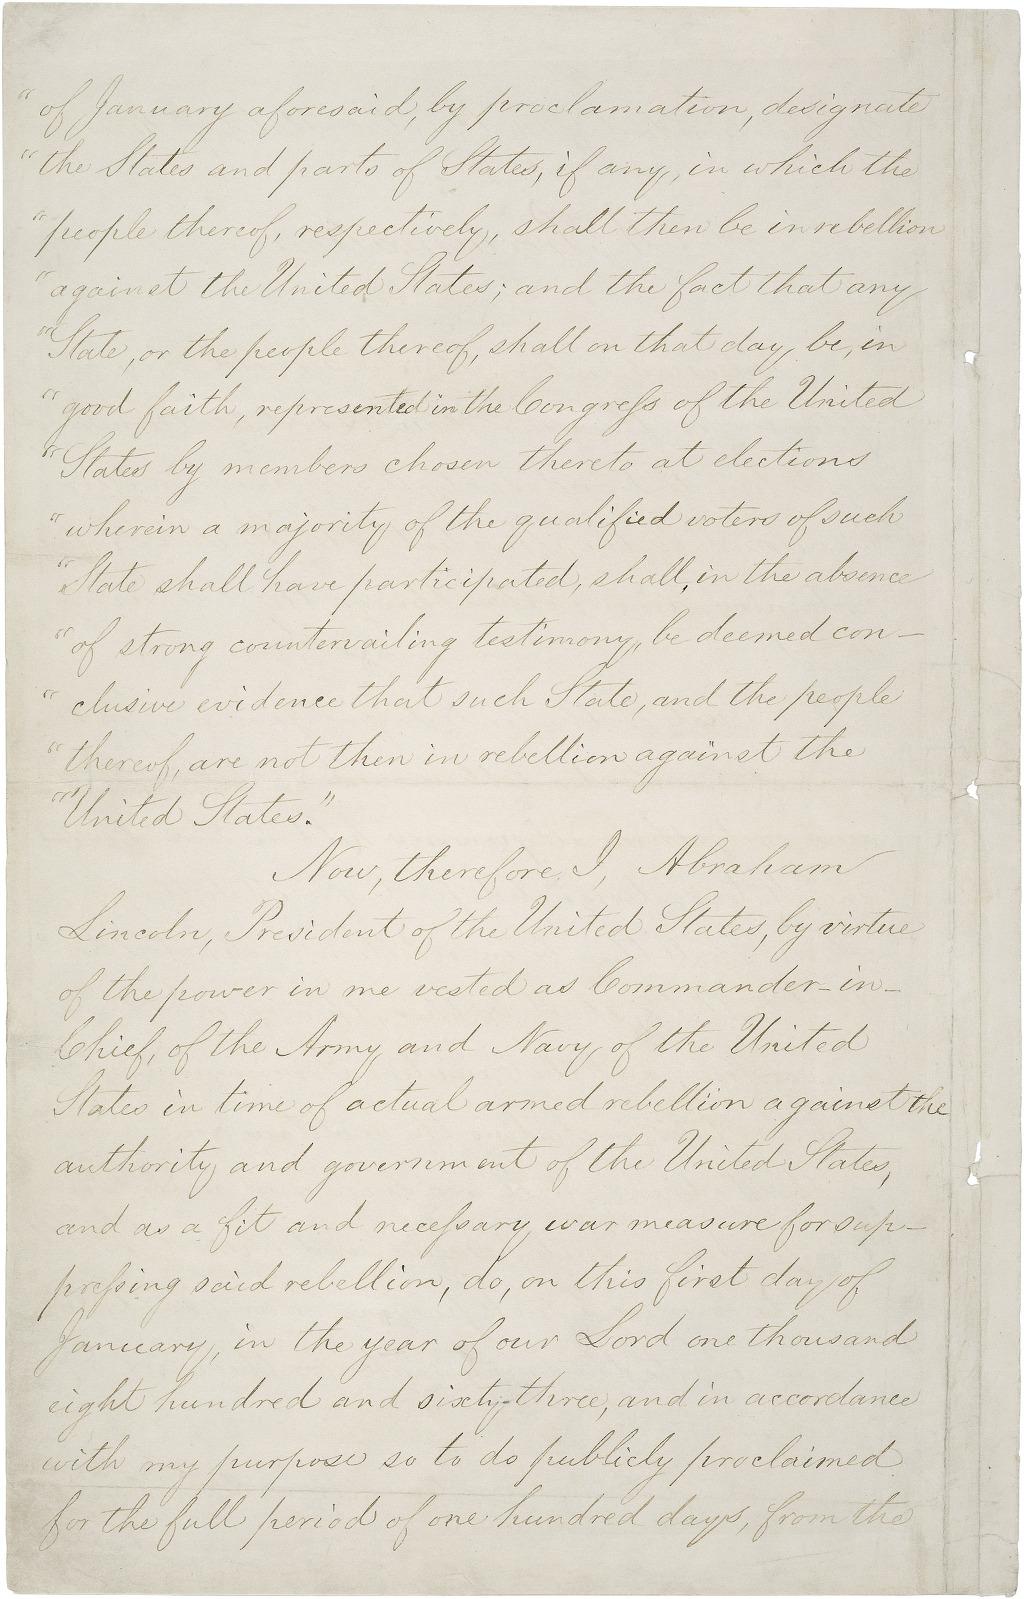 미국 노예해방 선언문 원본 스캔 파일